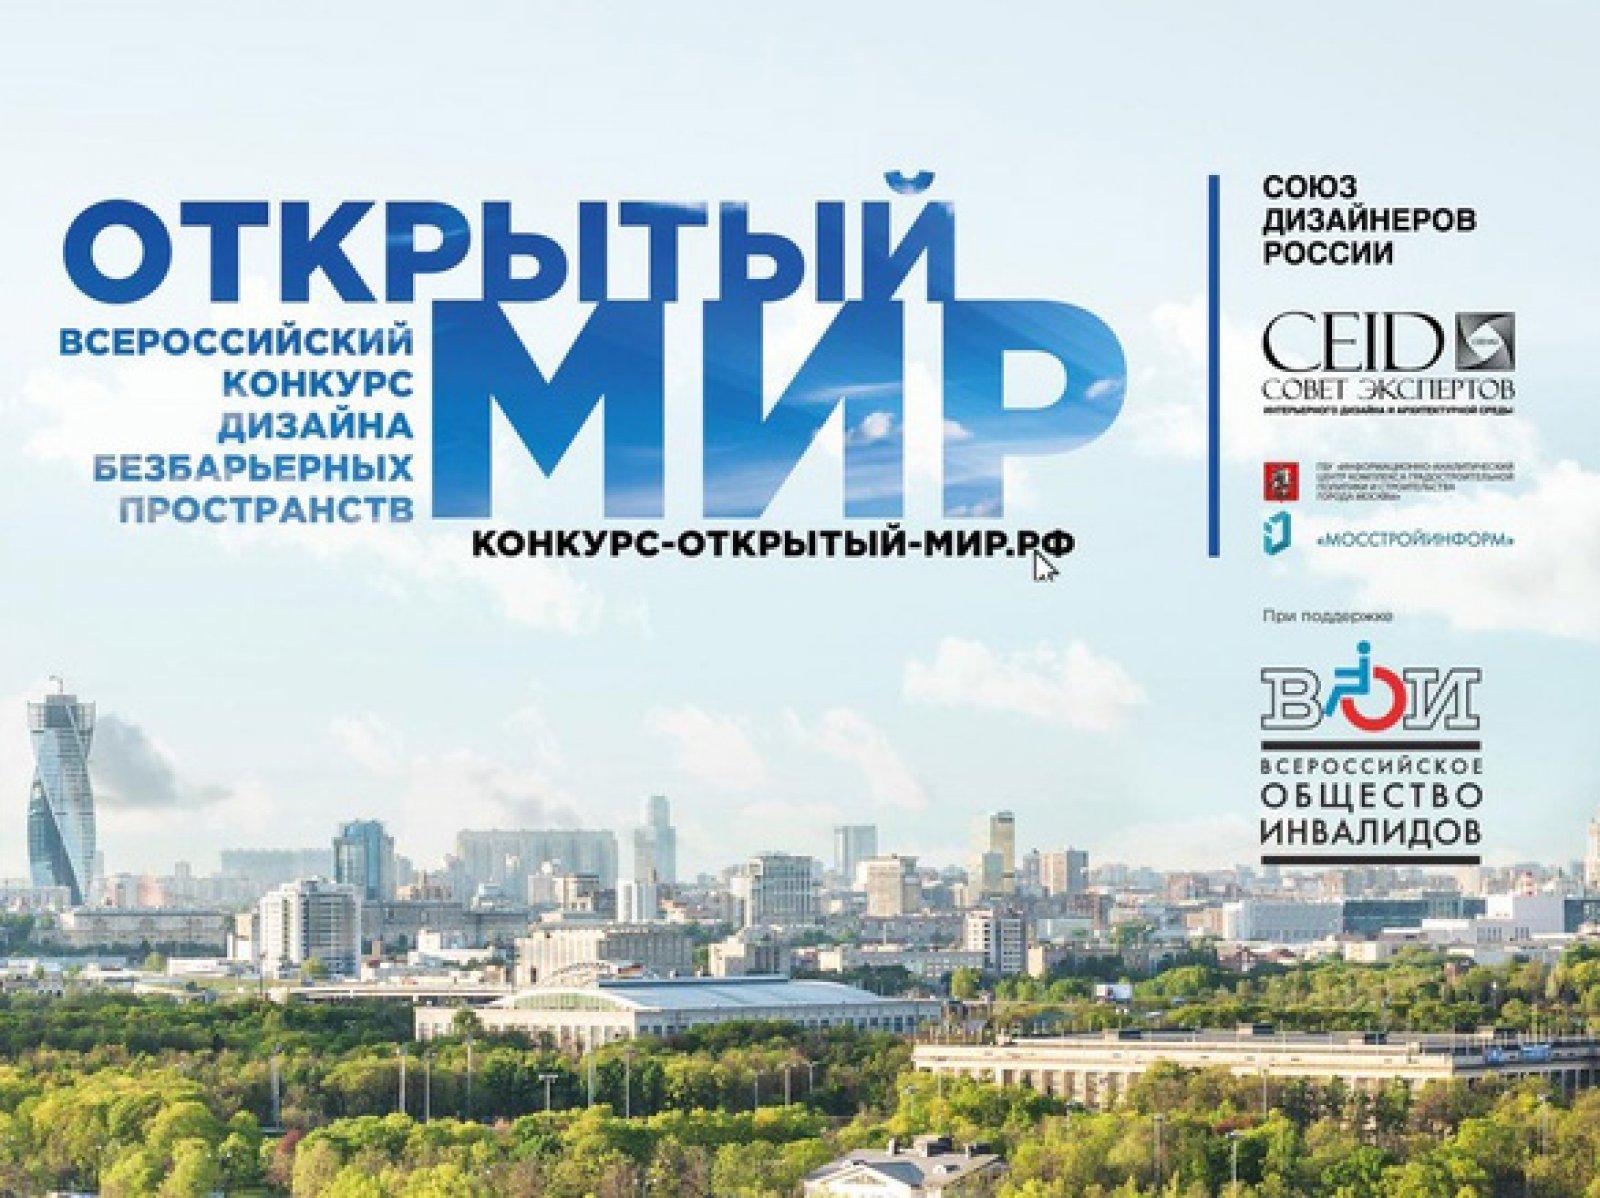 Первый национальный конкурс дизайна безбарьерных пространств «Открытый мир»